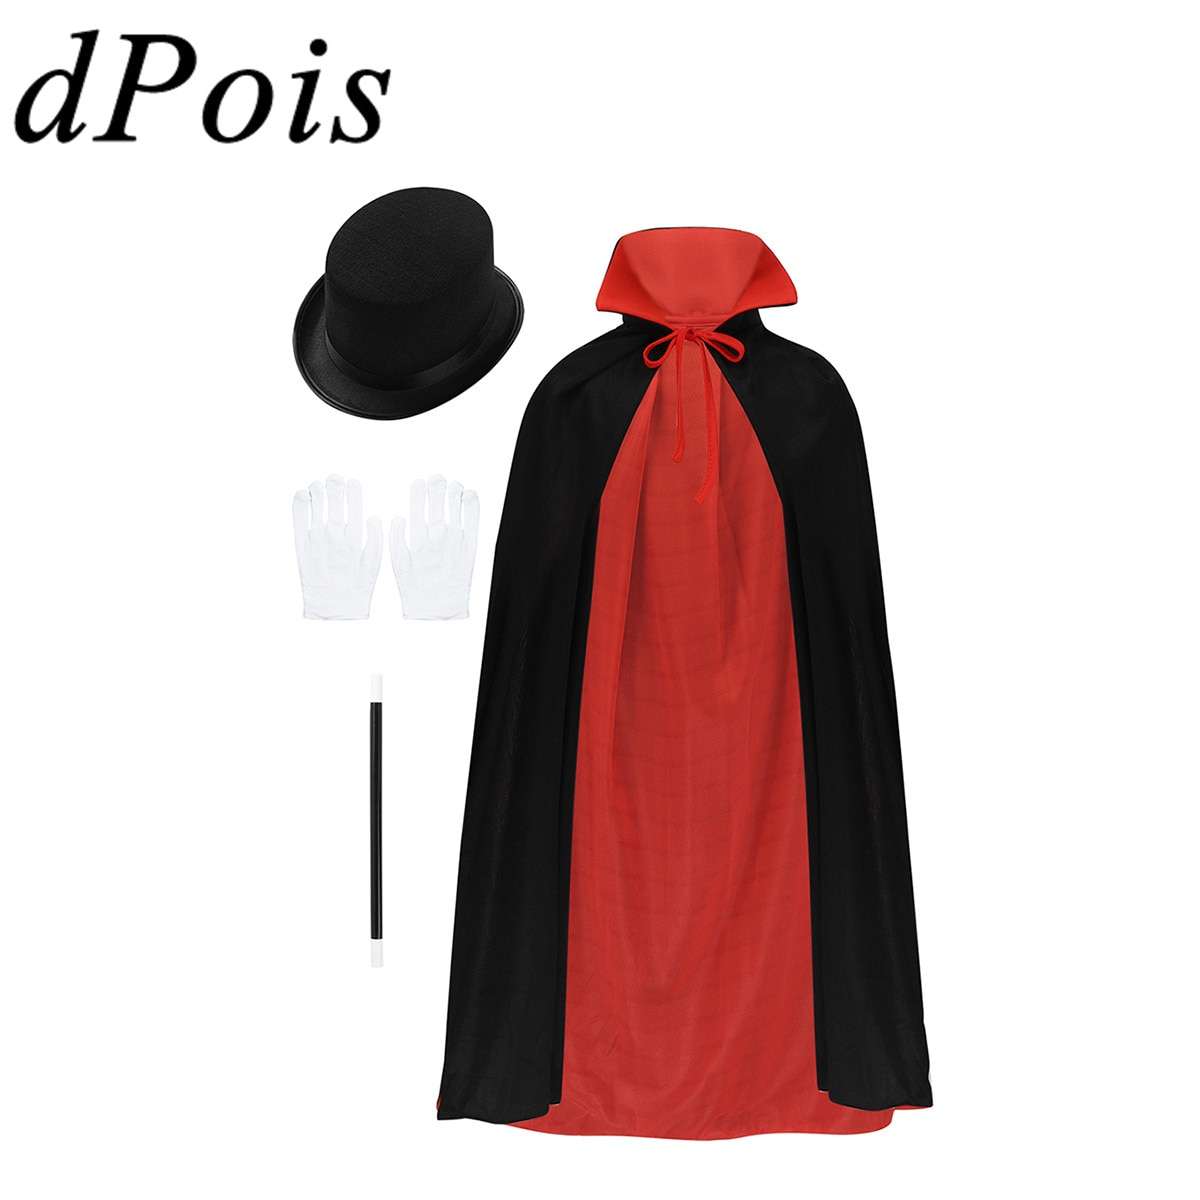 Детский костюм мага для мальчиков и девочек; Детский карнавальный костюм волшебника на Хэллоуин; маскарадный костюм для ролевых игр; нарядный костюм для вечеринки